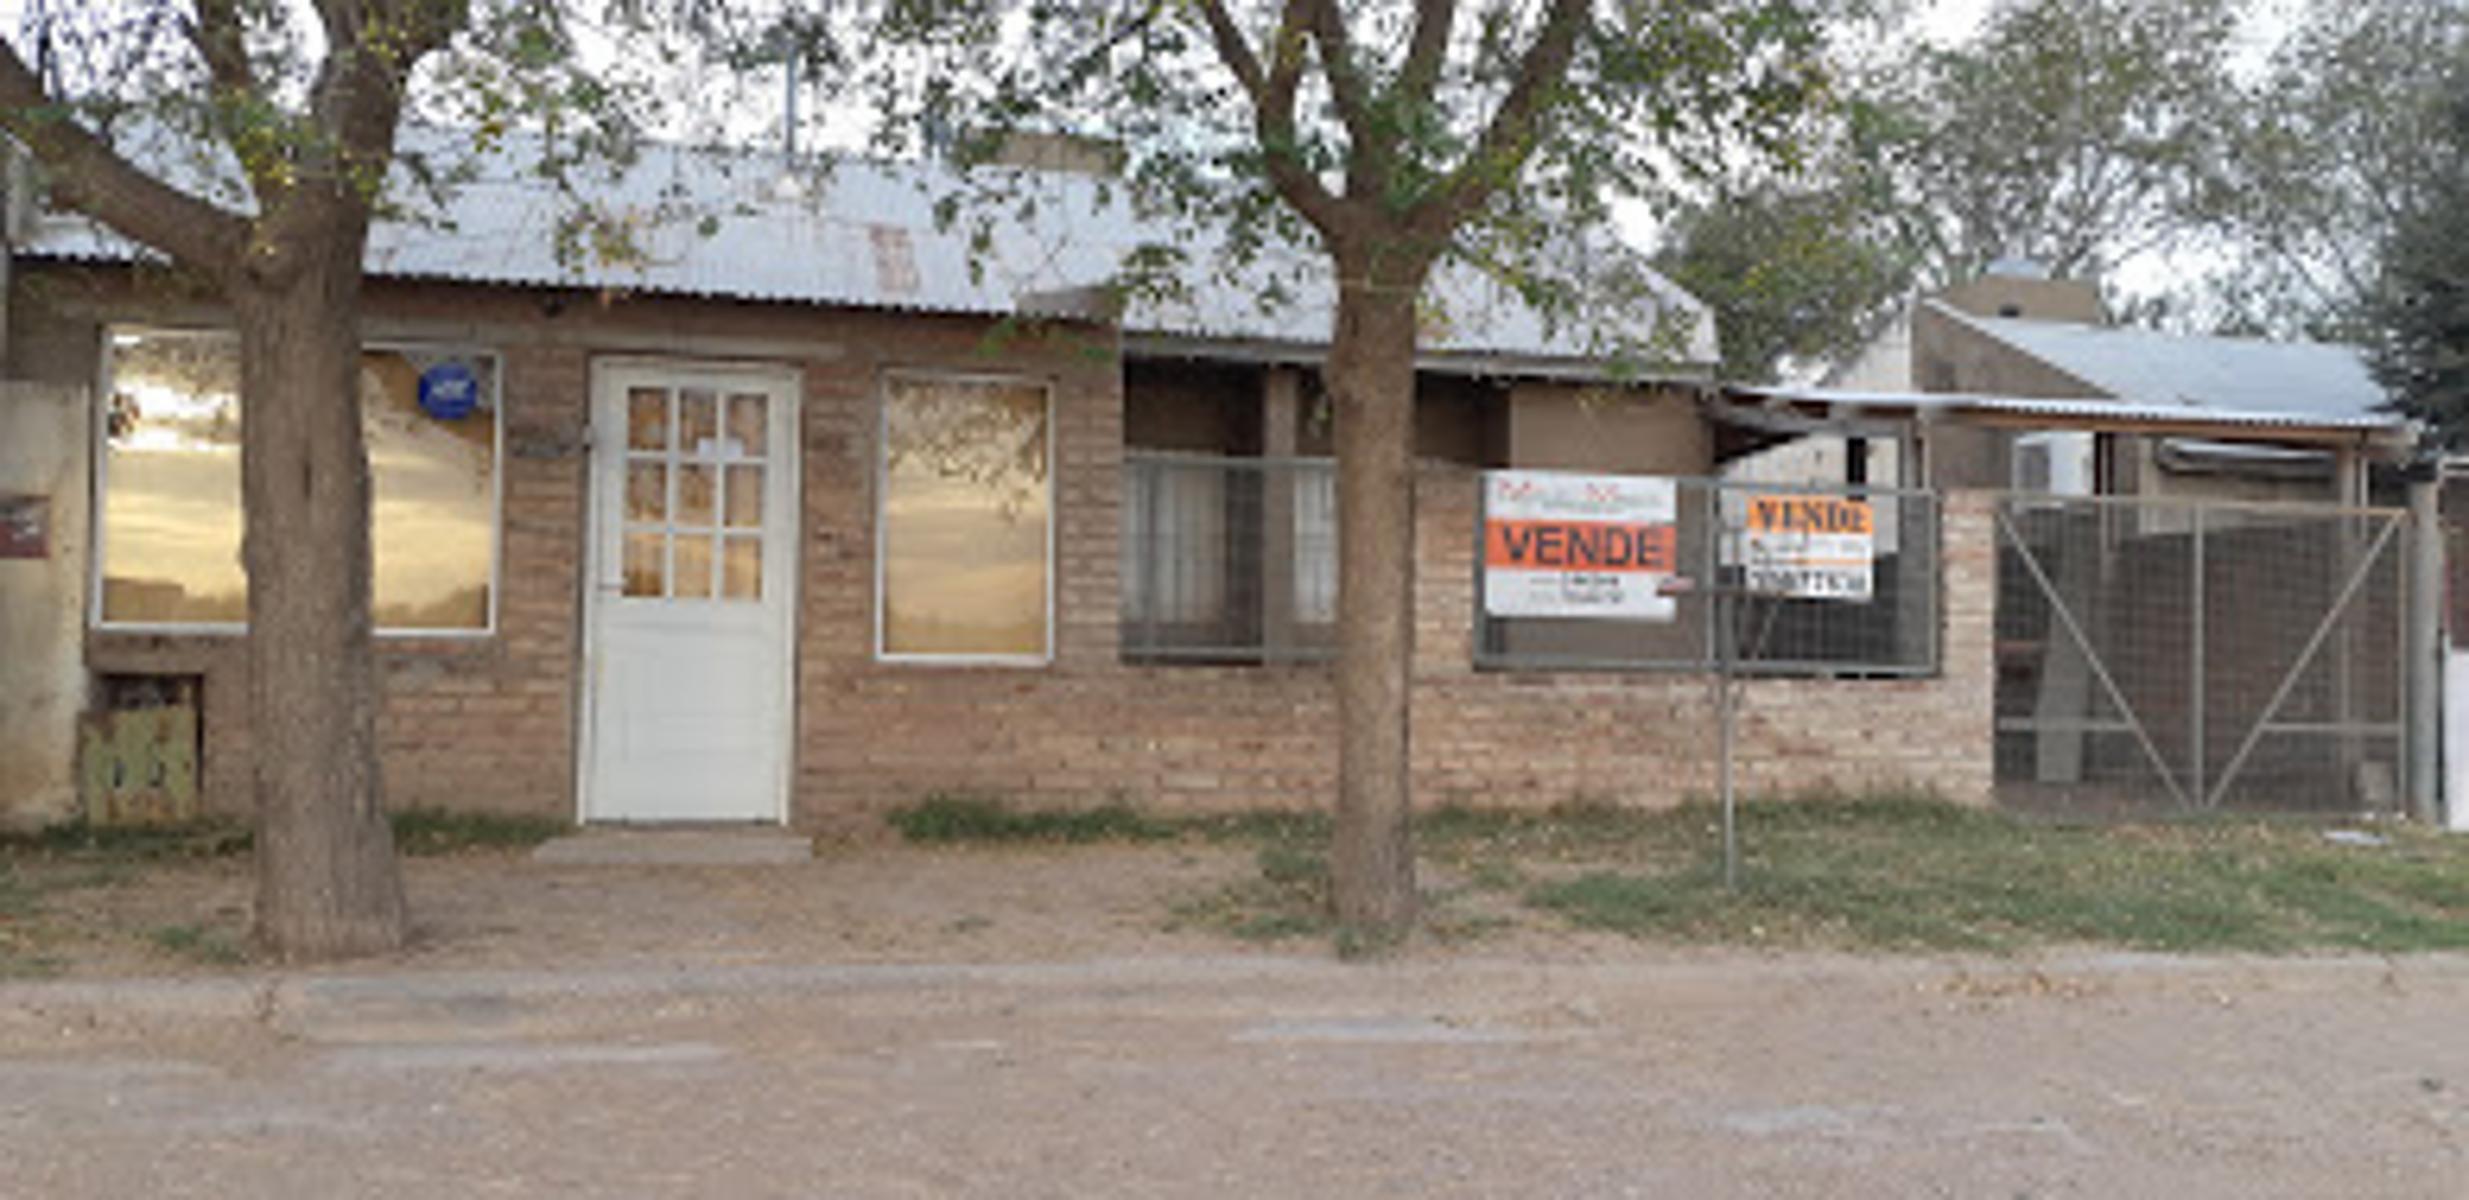 Casa de 3 dormitorios con local al frente y patio con pileta, en Barrio Sagrado Corazón de Jesús, Mauro Martin Negocios Inmobiliarios